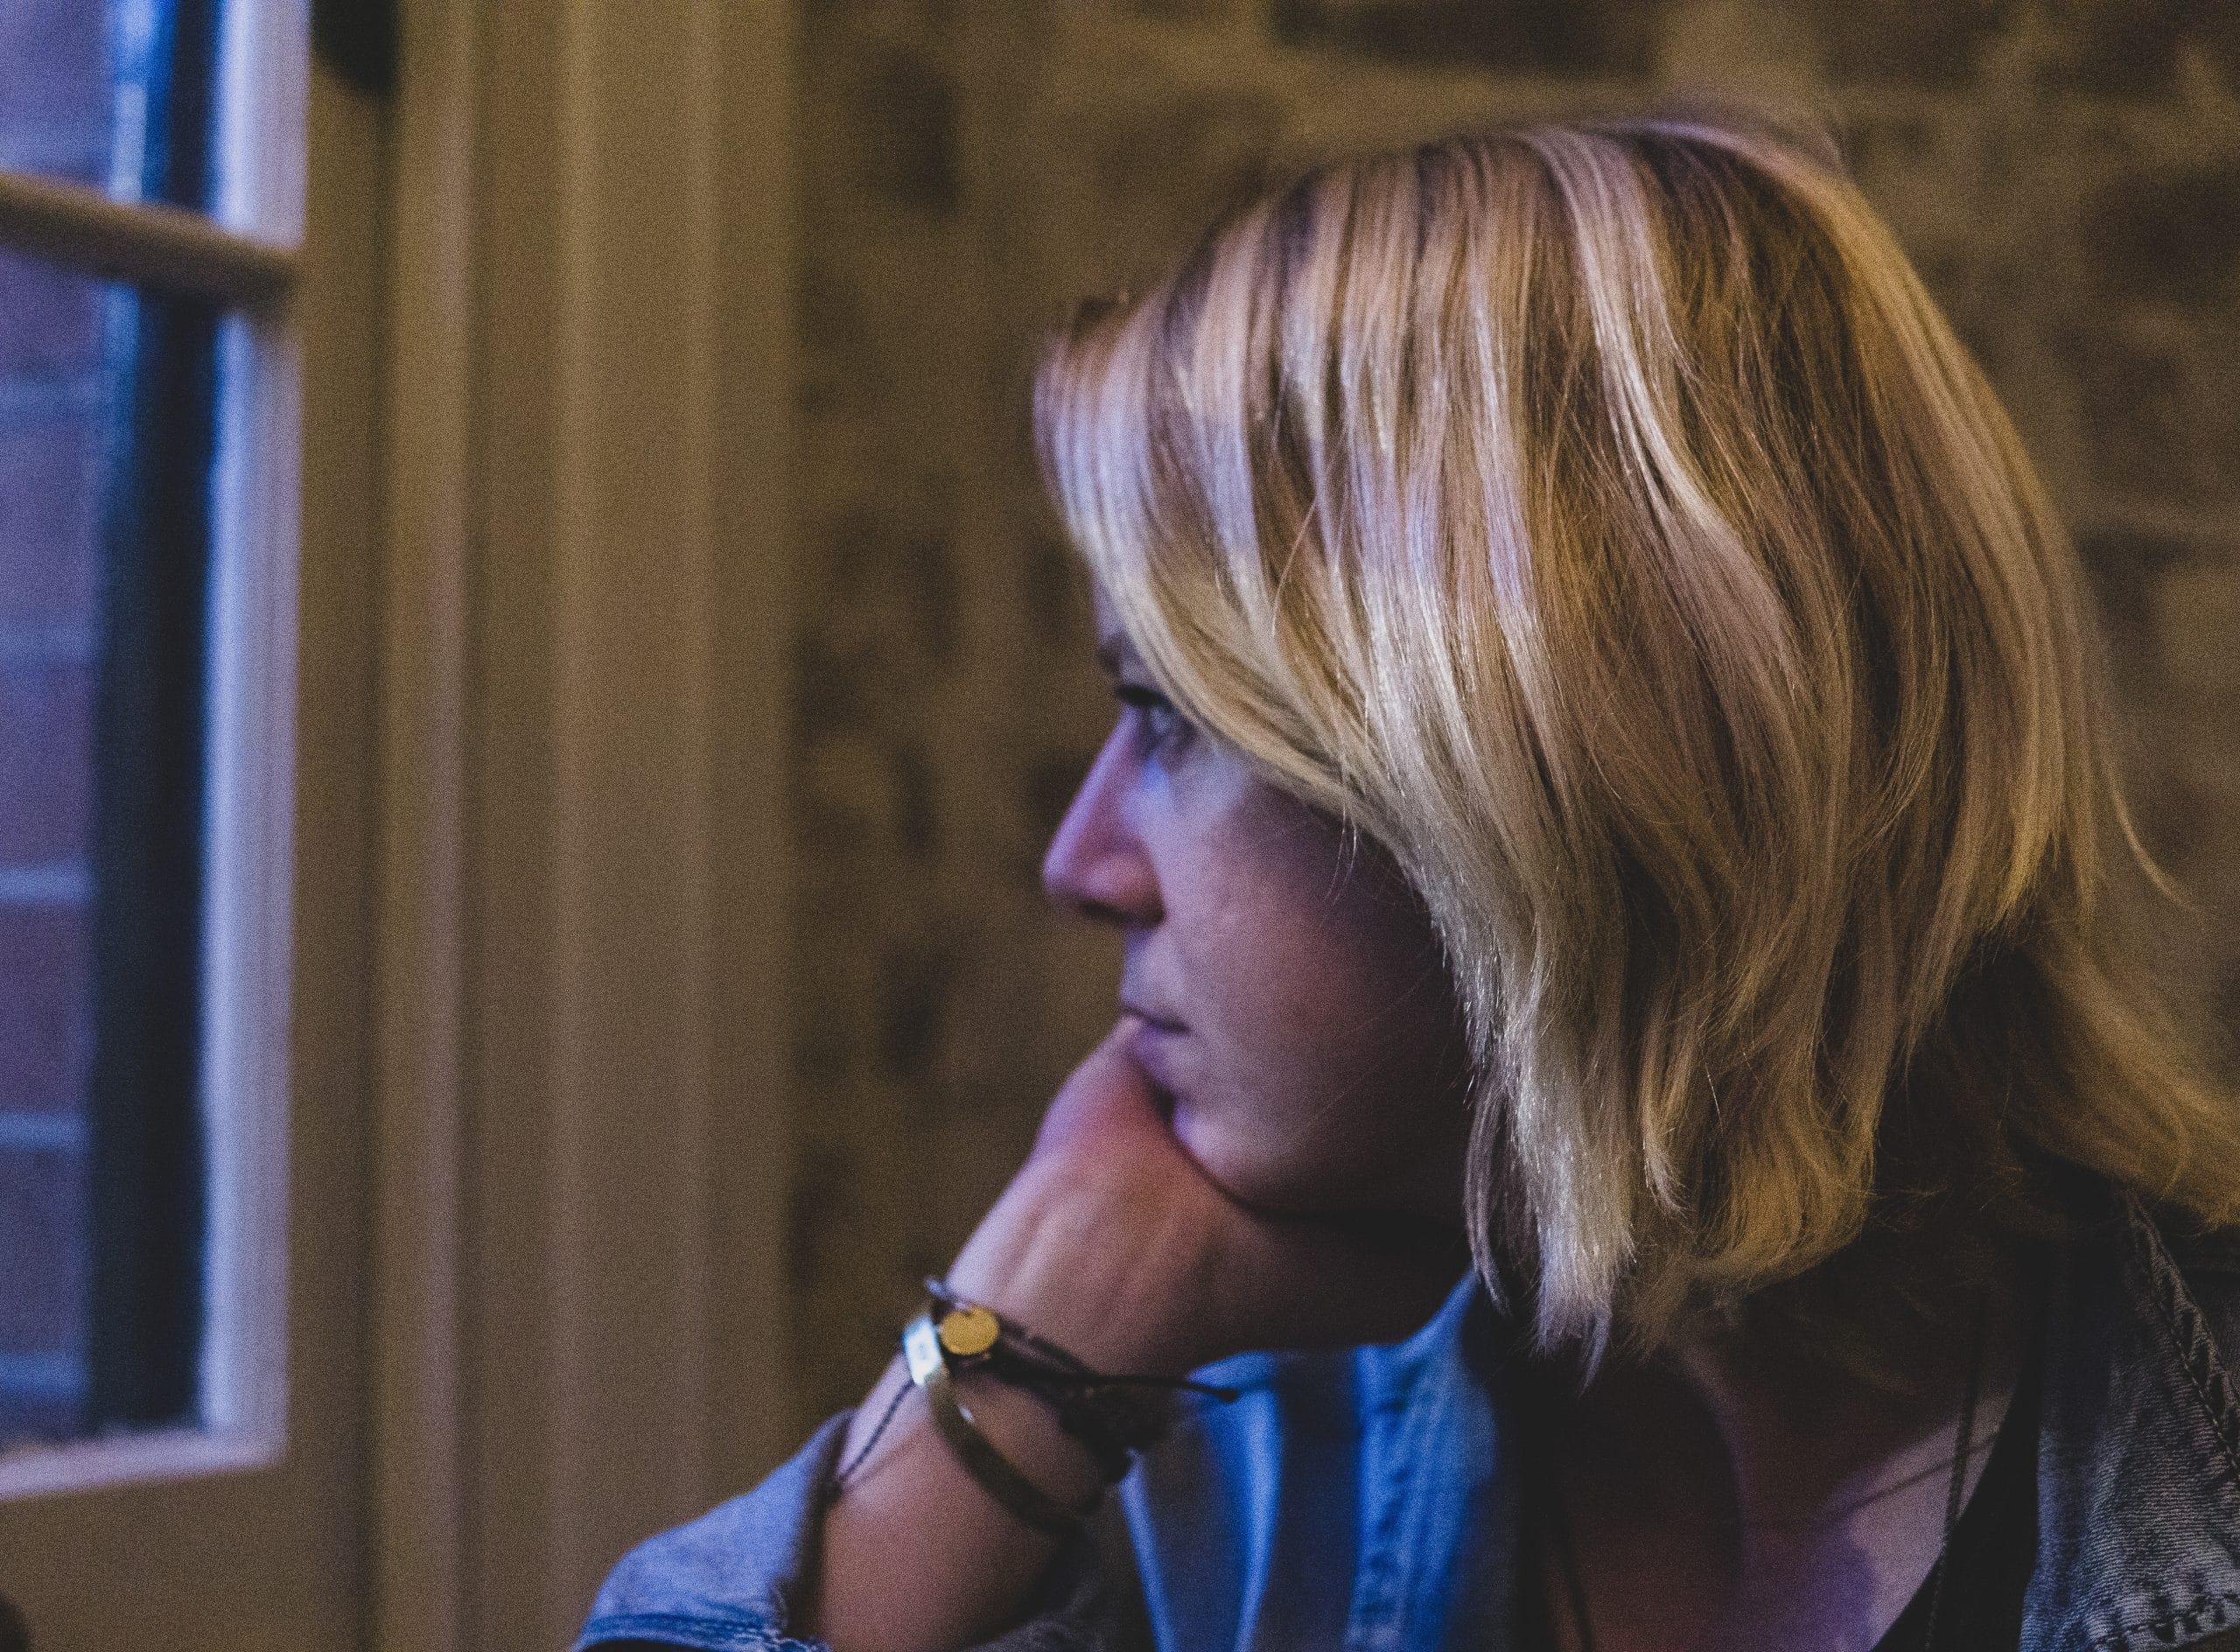 Mulher pensando olhando para a janela com expressão séria.